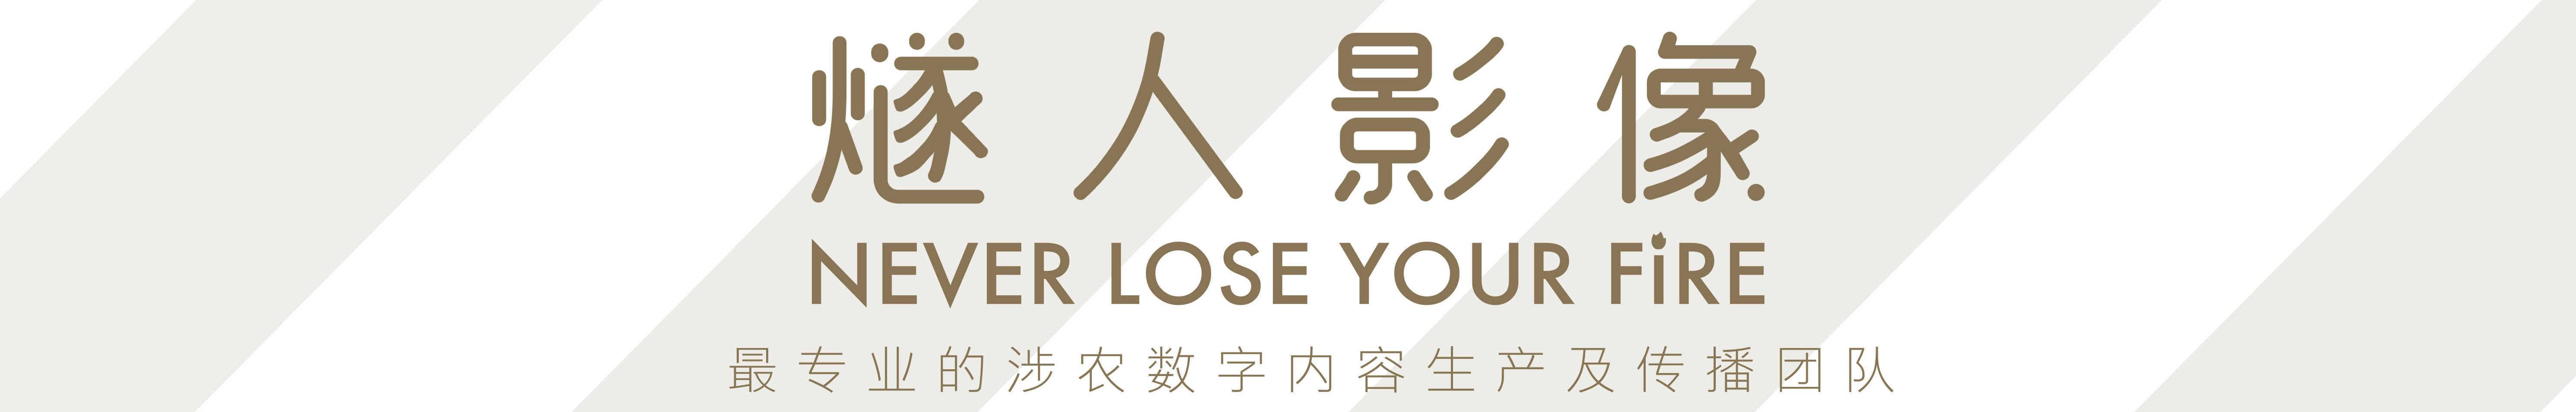 燧人PICTURE banner